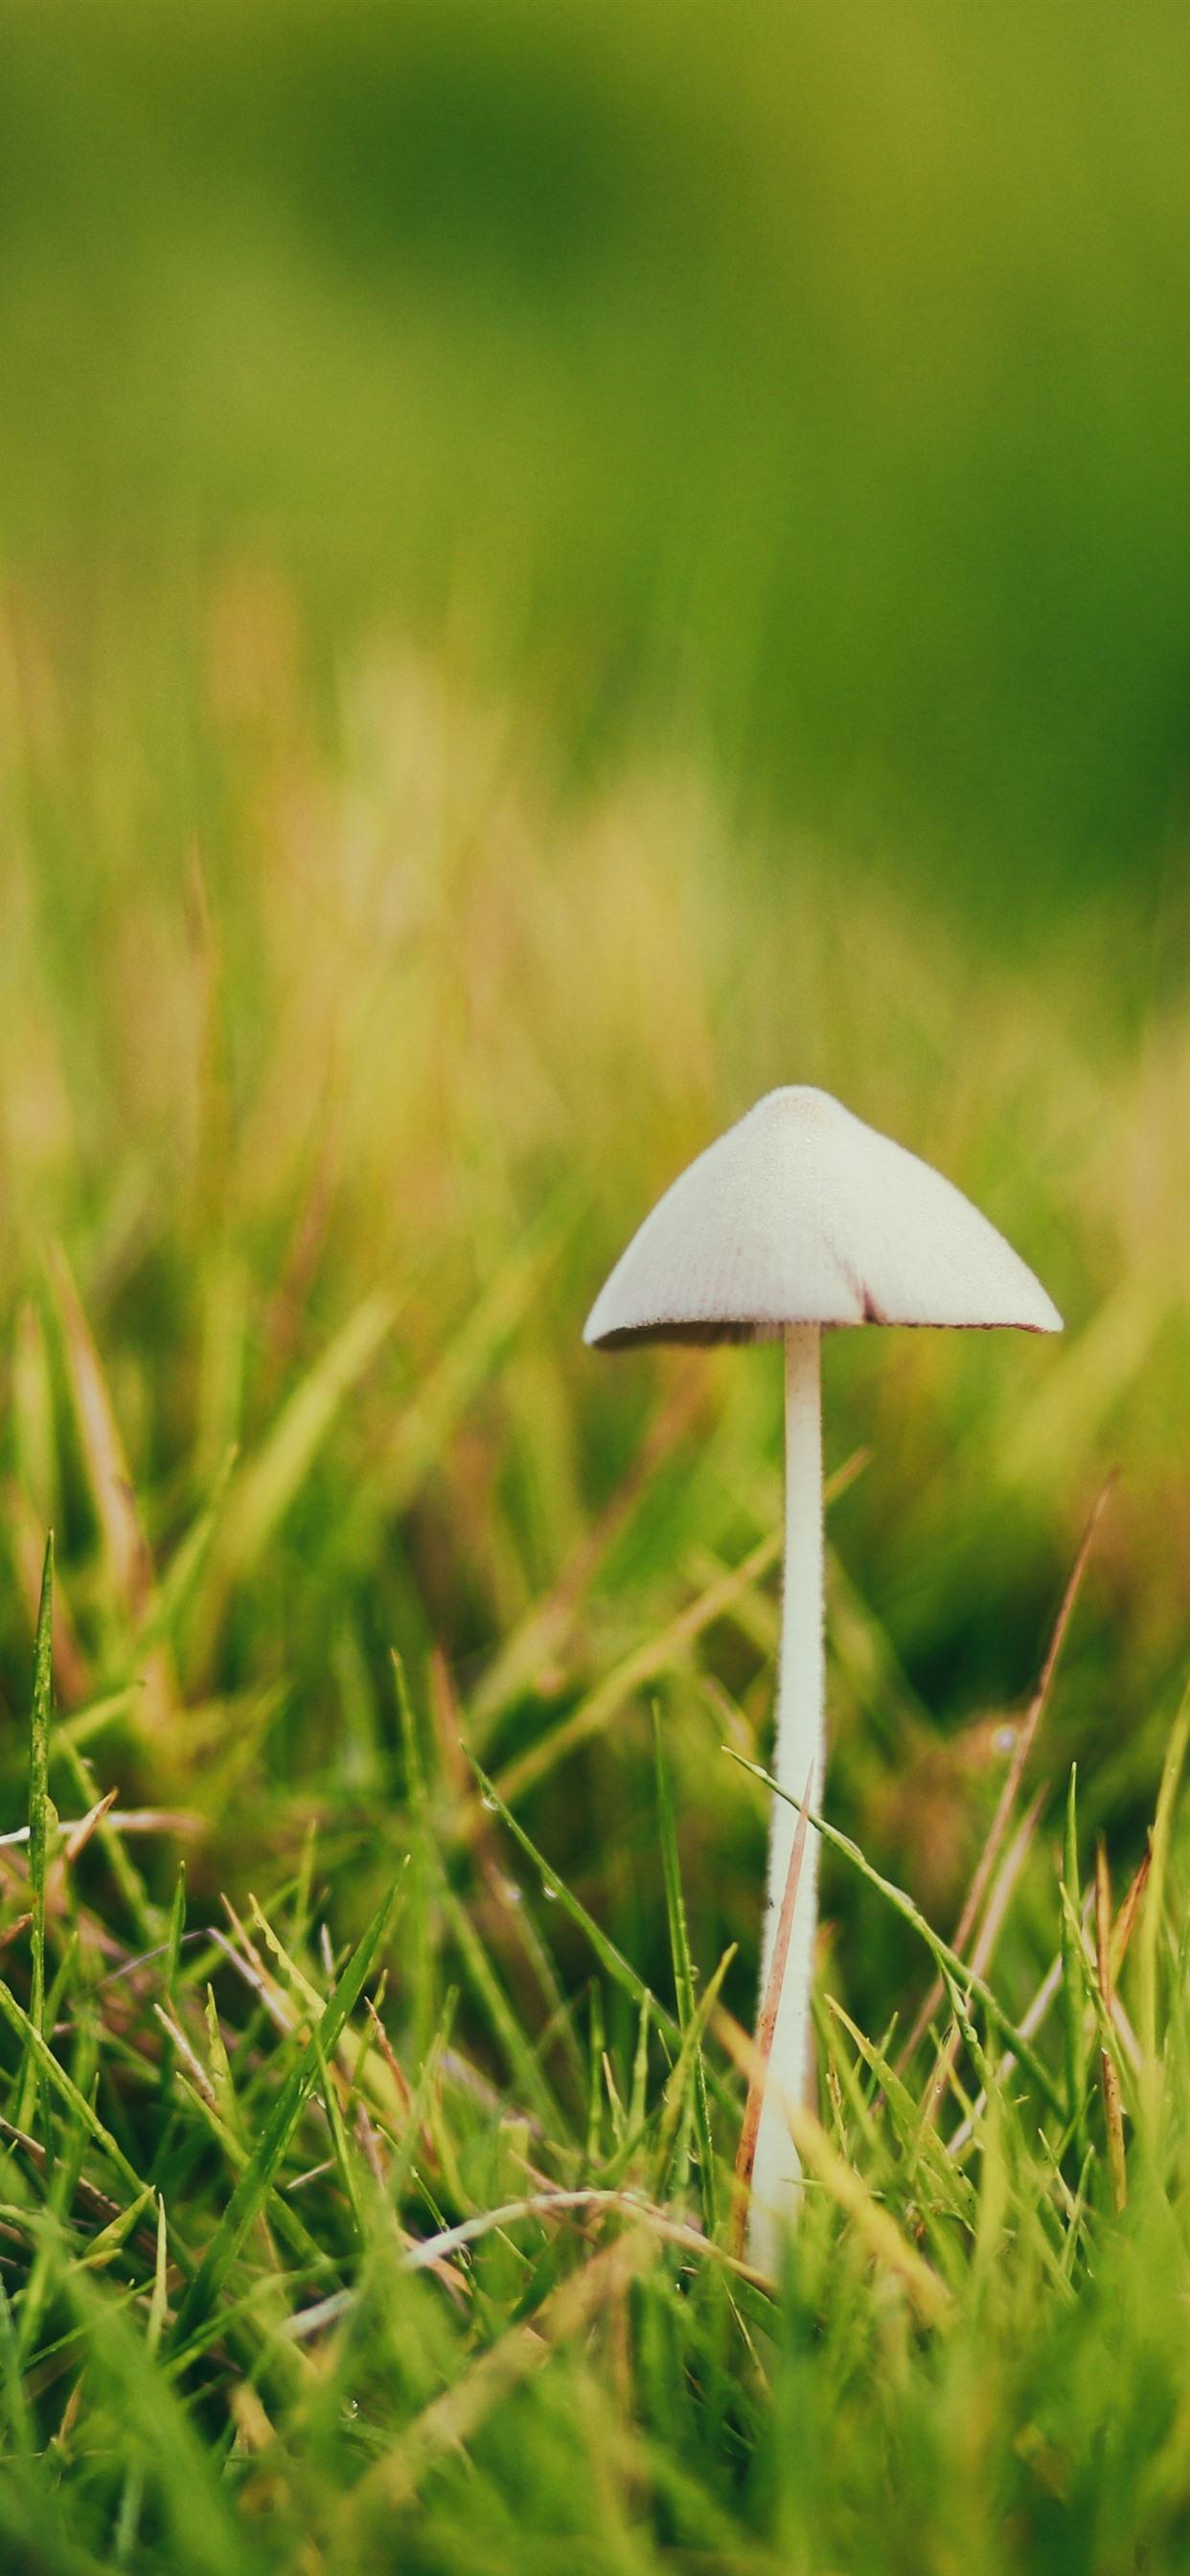 Mushroom Green Grass Spring 1242x2688 Iphone Xs Max